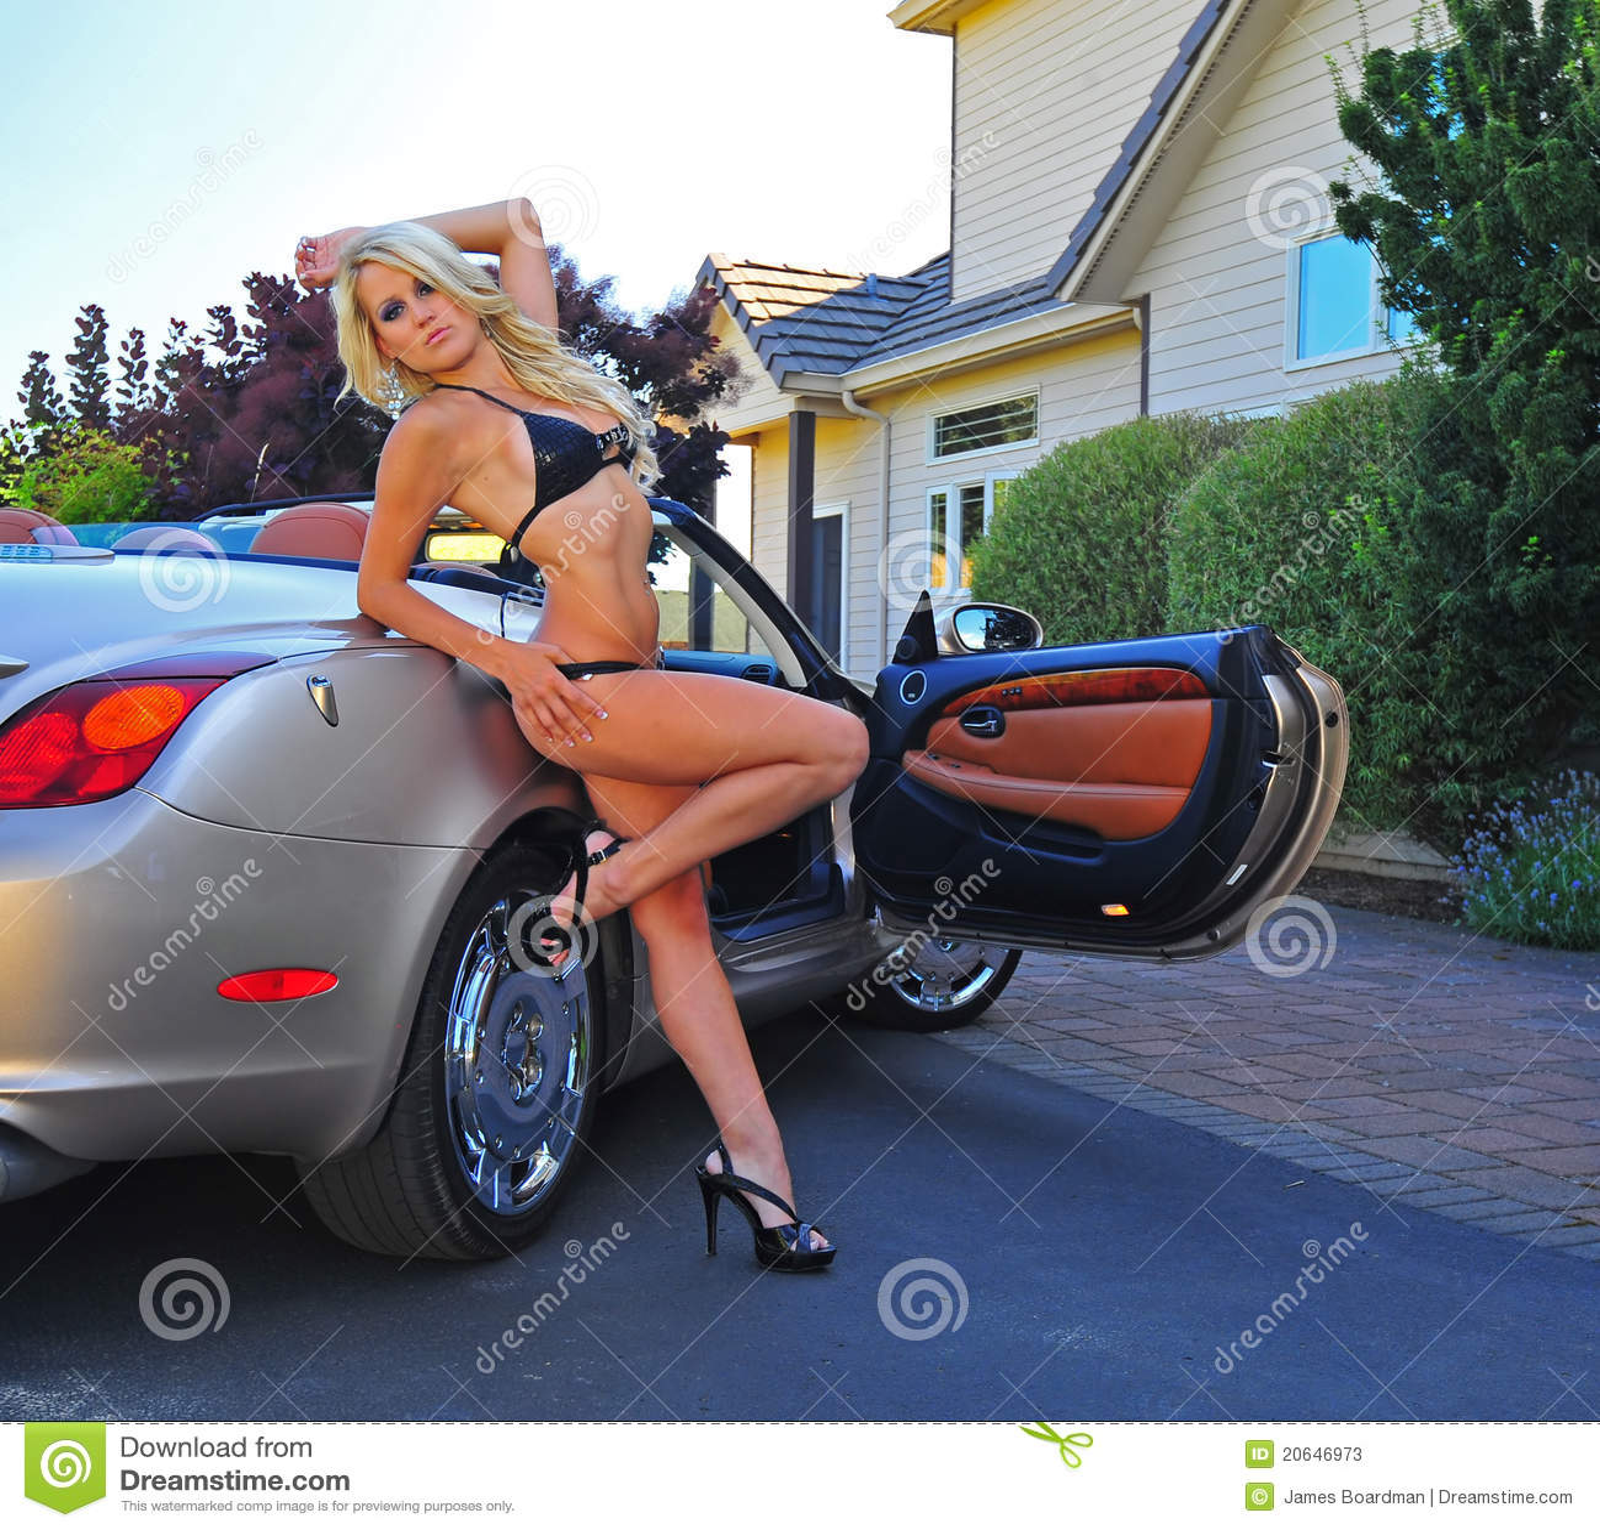 bikini s 39 usant de femme se penchant contre la voiture de sport photos stock image 20646973. Black Bedroom Furniture Sets. Home Design Ideas